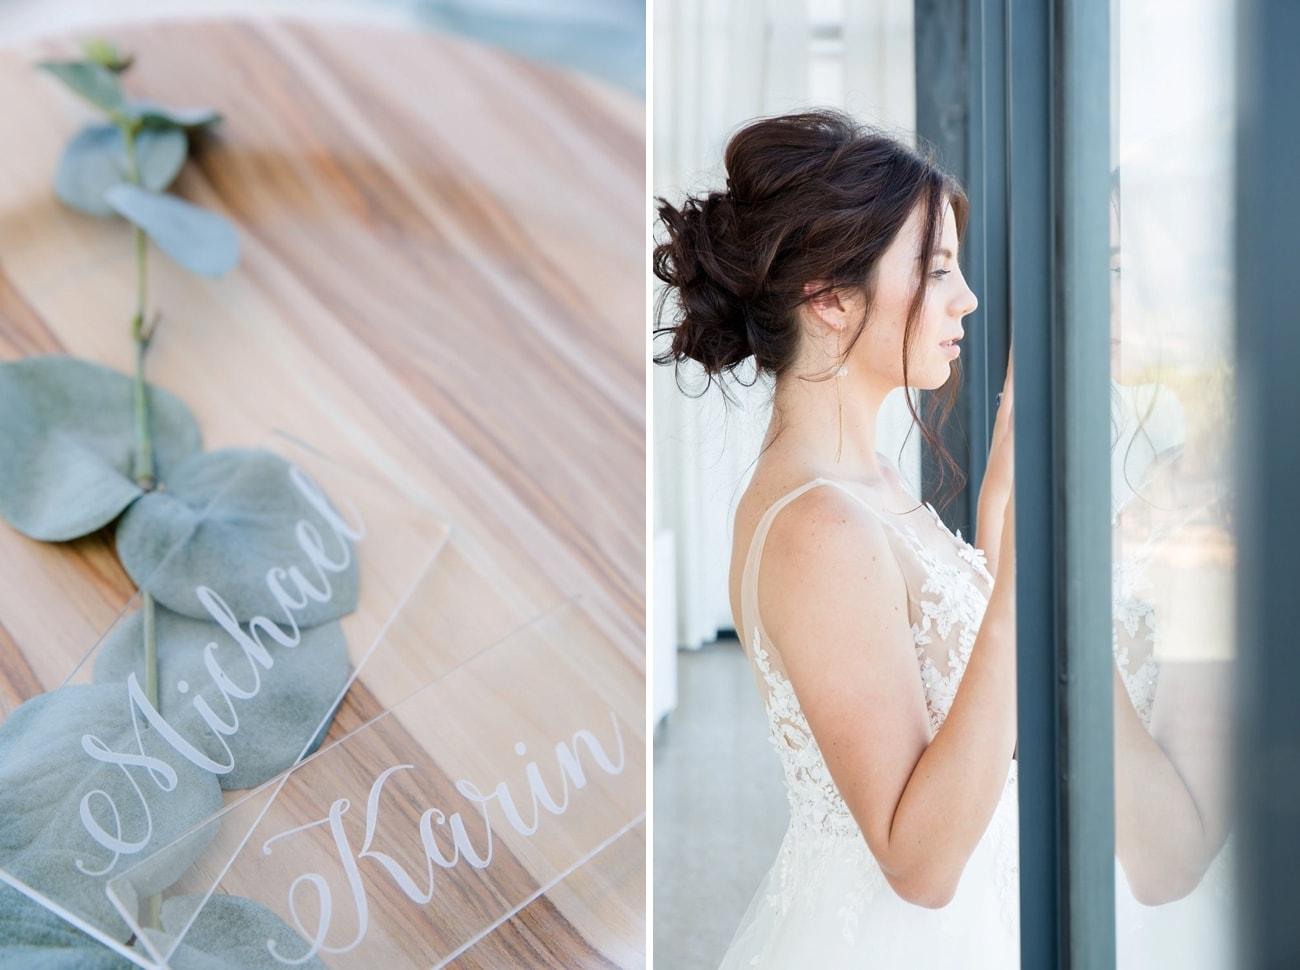 Sheer Ever After Wedding Inspiration   Image: Jaqui Franco